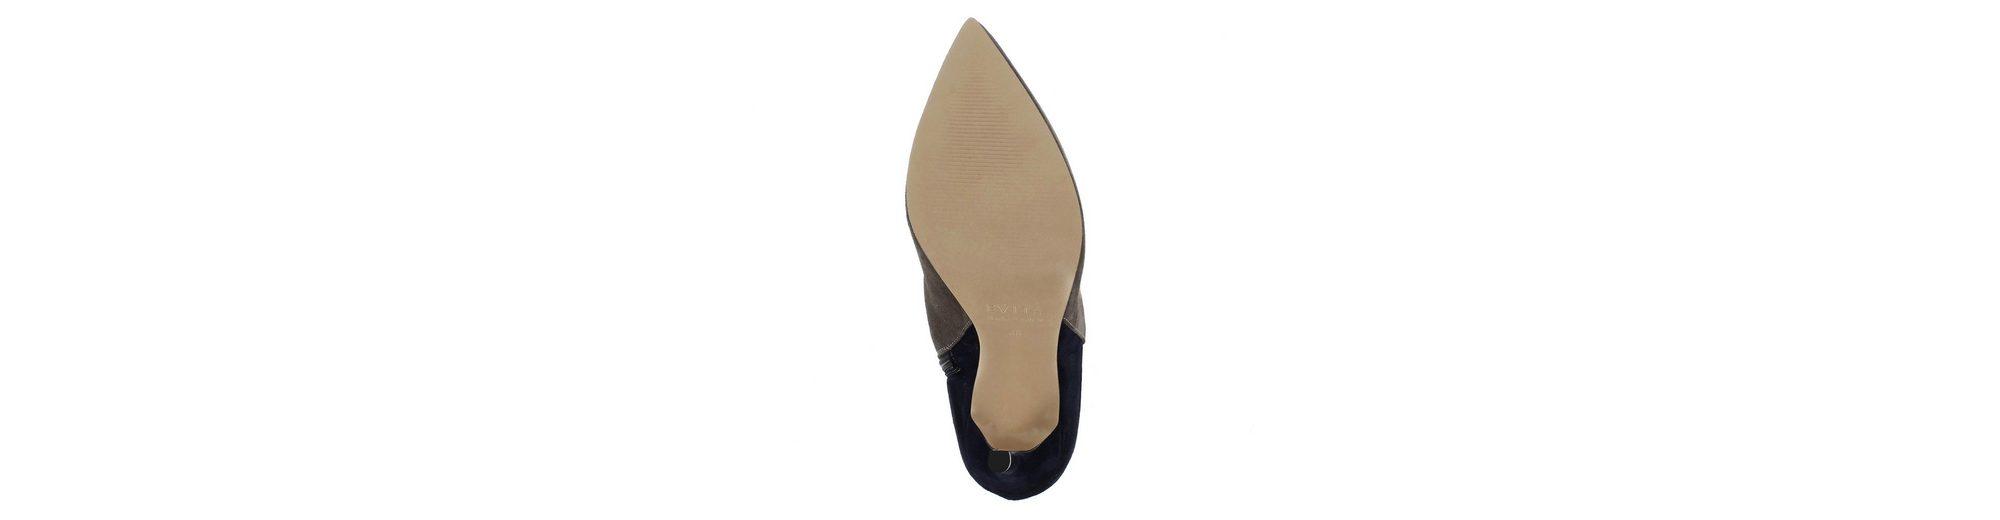 Evita ALINA Stiefelette Verkauf Erhalten Zu Kaufen Rabatt Größte Lieferant Für Schöne Günstig Online Günstig Kaufen Limited Edition 9lbdQ